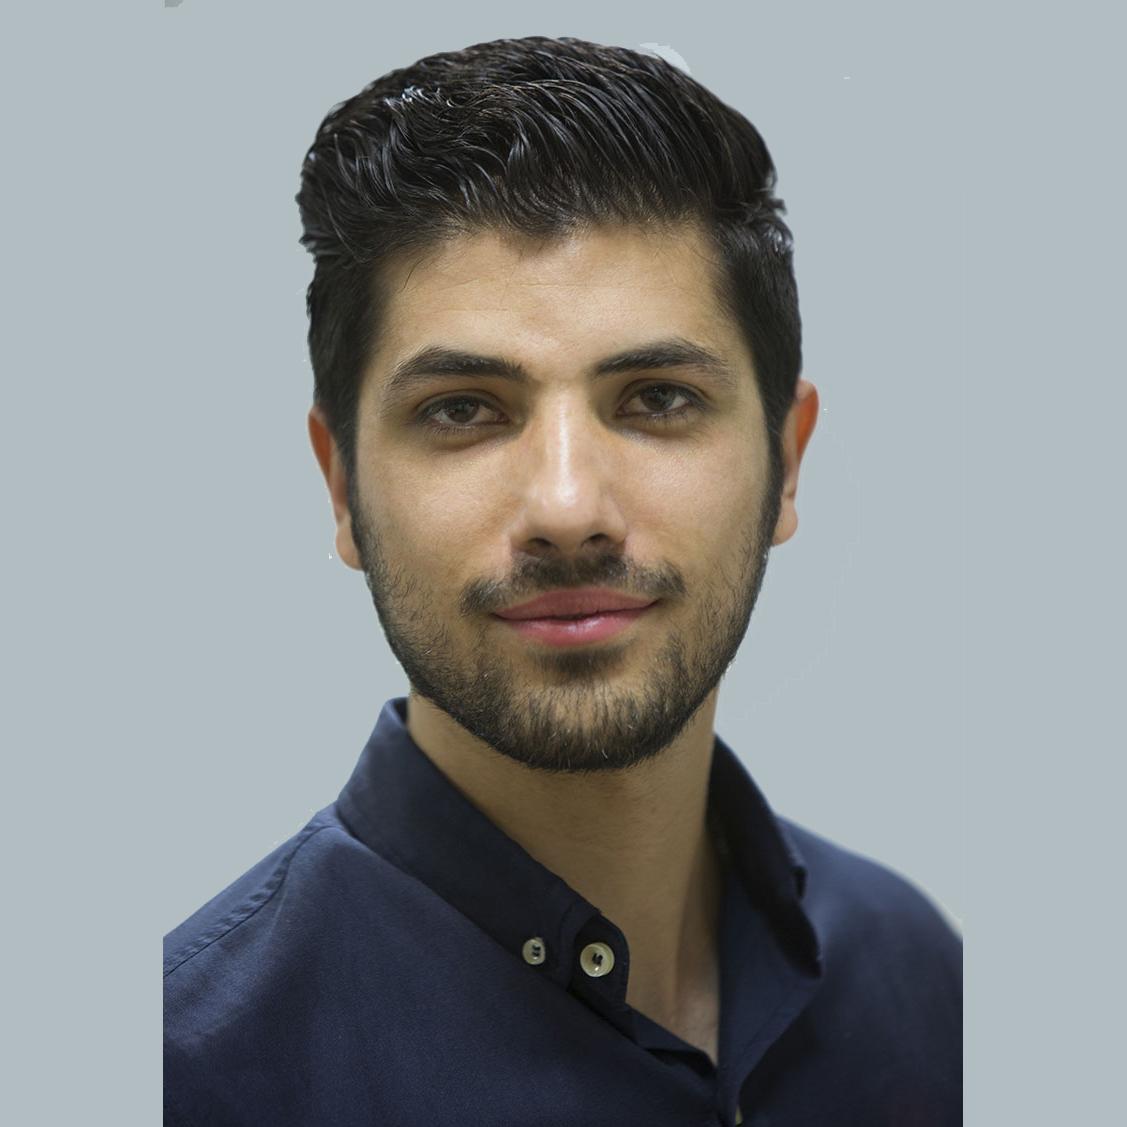 سید مسعود امامی